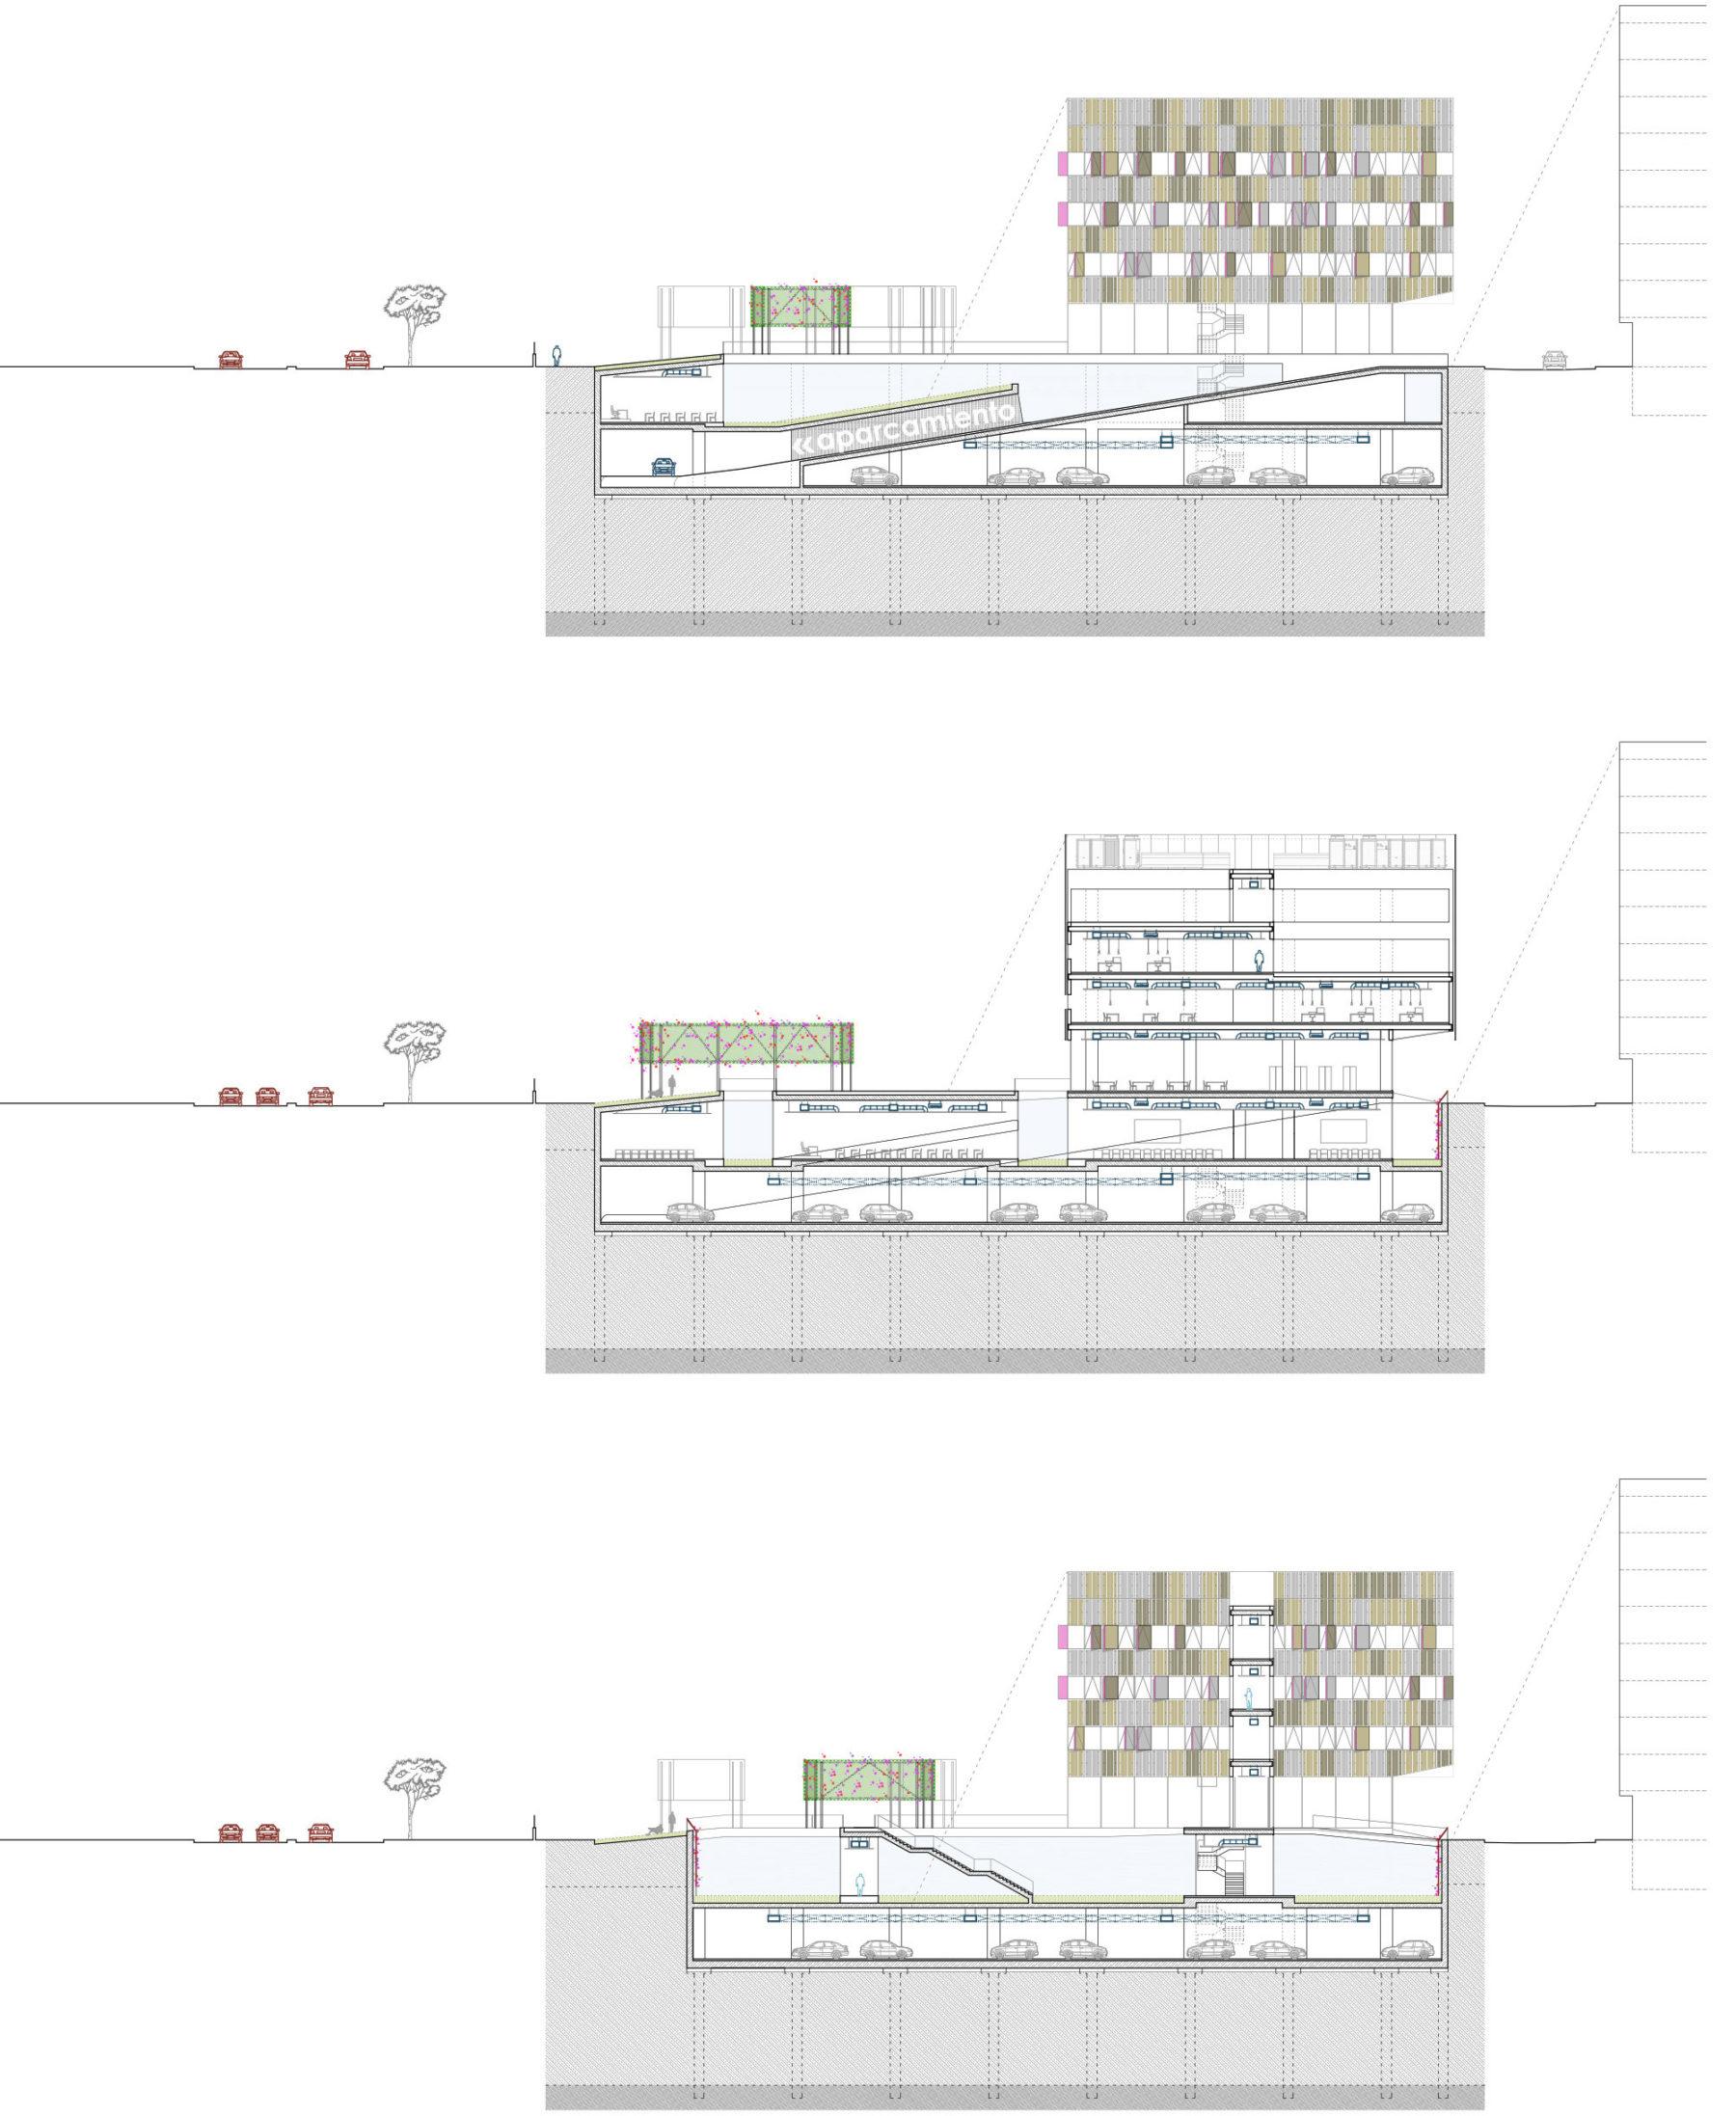 Facultad arquitectura e ingenier a universidad cartagena - Arquitectura e ingenieria ...